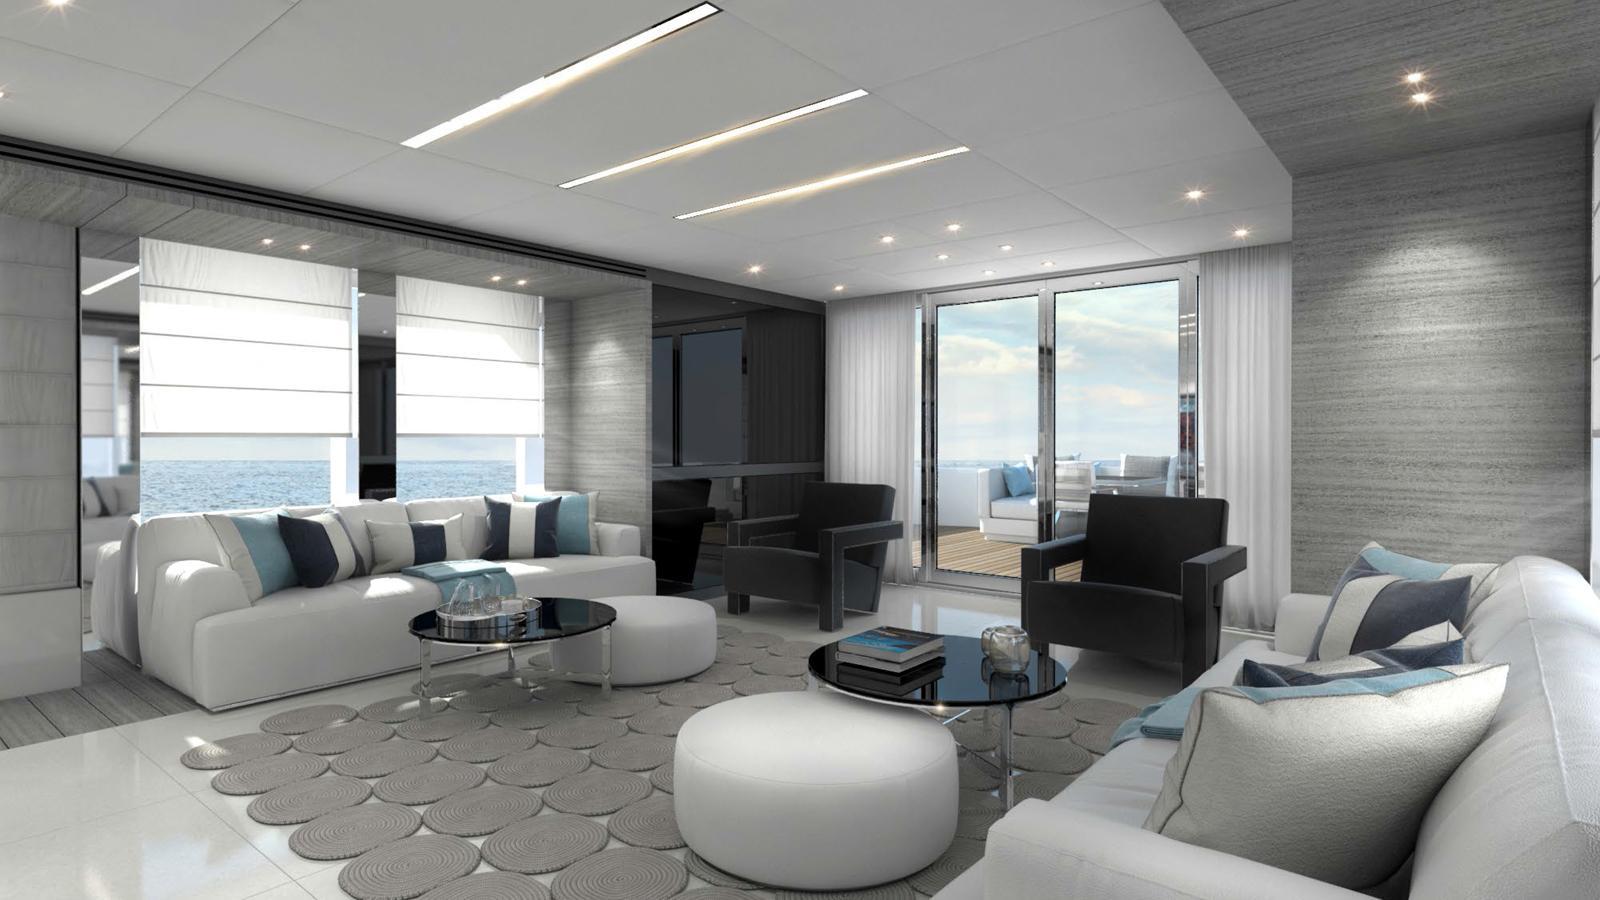 century 100 motoryacht astondoa 30m 2017 rendering saloon